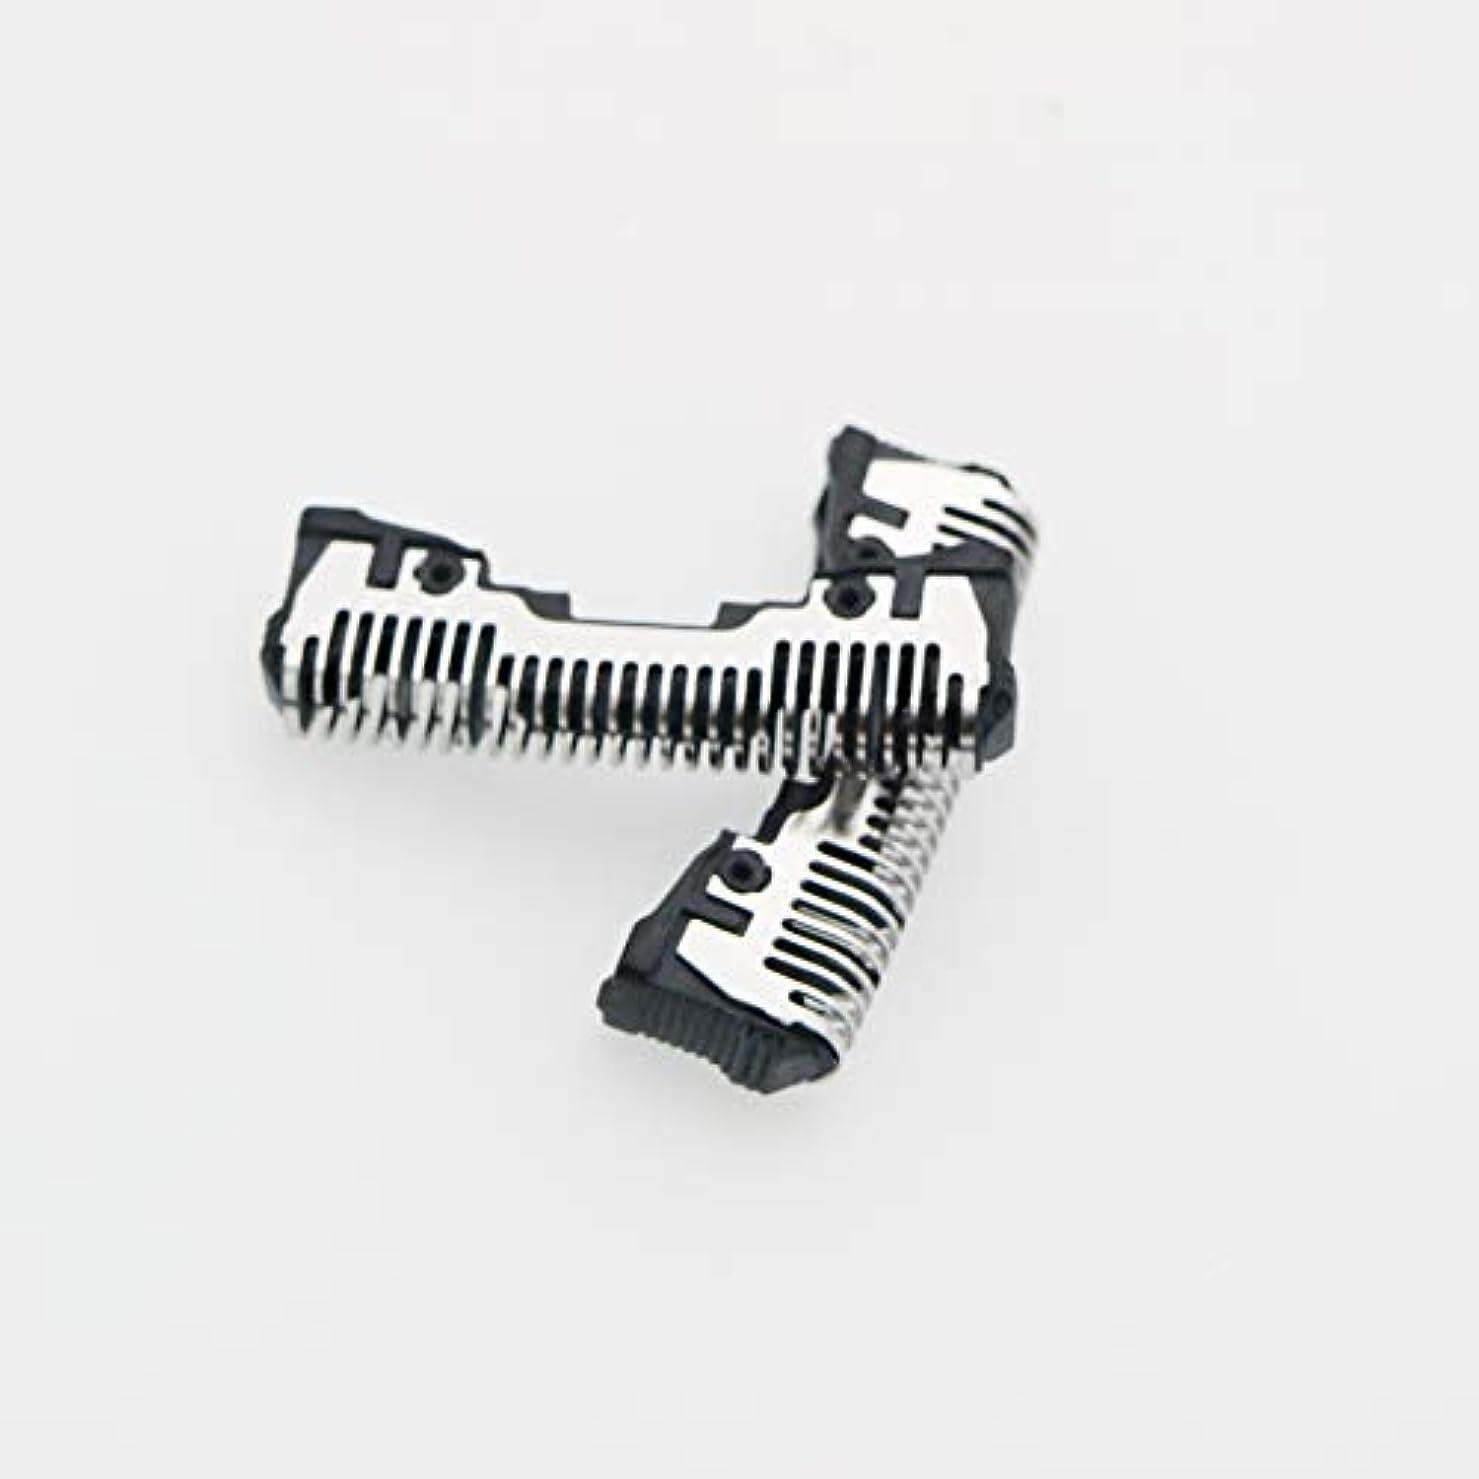 異邦人警報魅力的であることへのアピールVWONST Shaver Replacement WES9068 Cutter/Blades for ES-BSL4 ES-ST21 ES-ST23 ES-ST25 ES-ST27 ES-ST29 ES8101 ES8109...